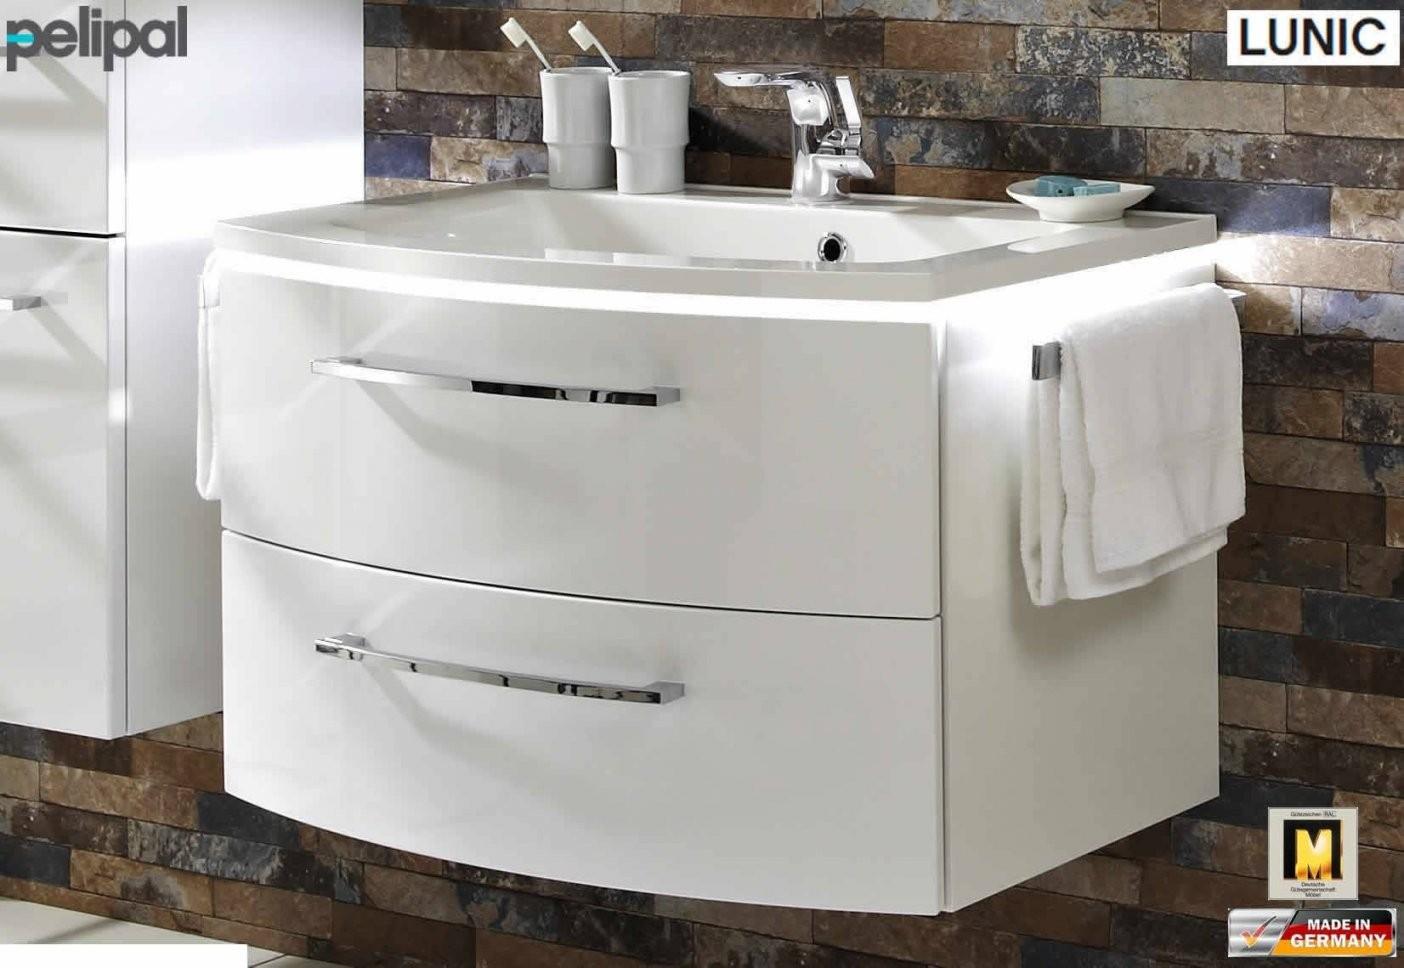 30 Neueste Waschtischunterschrank 70 Cm Breit Konzept  Garten von Waschbecken Mit Unterschrank 70 Cm Breit Bild